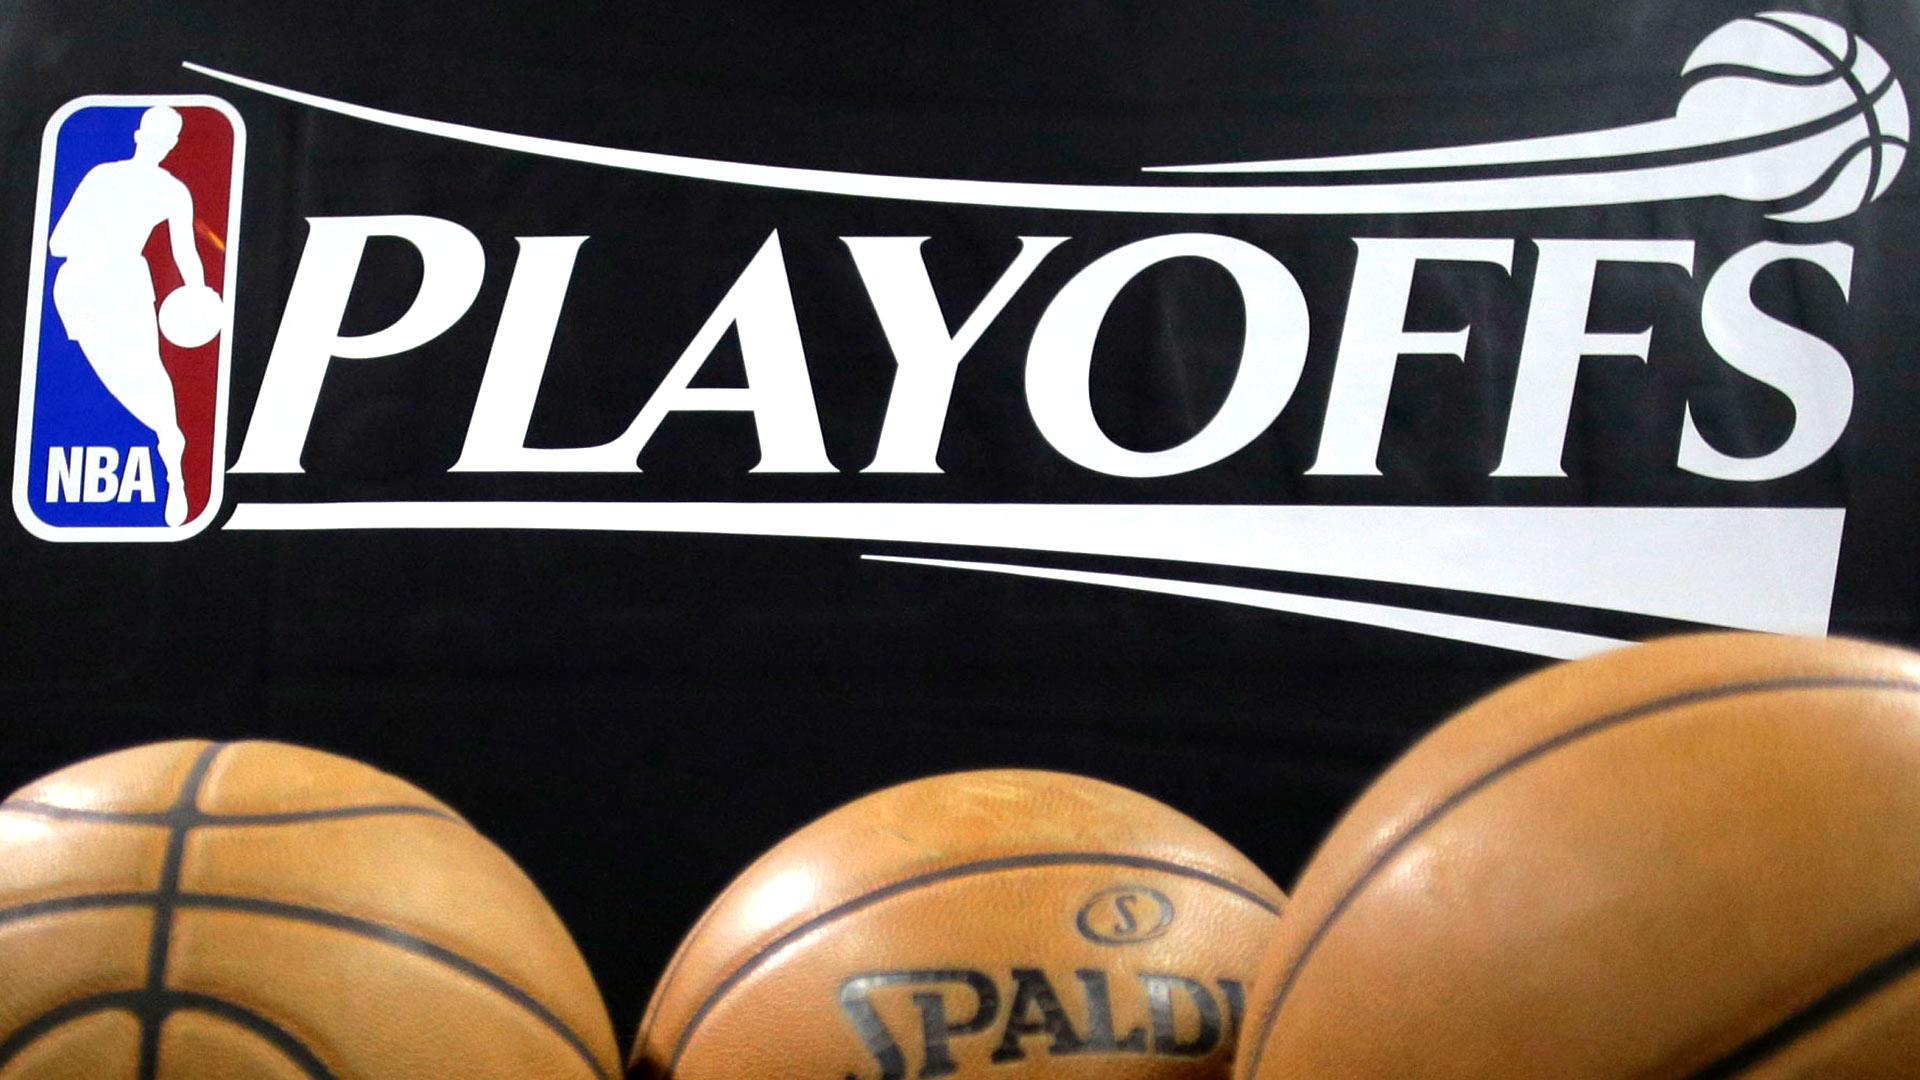 NBA-playoffs-wallpapers-HD-desktop